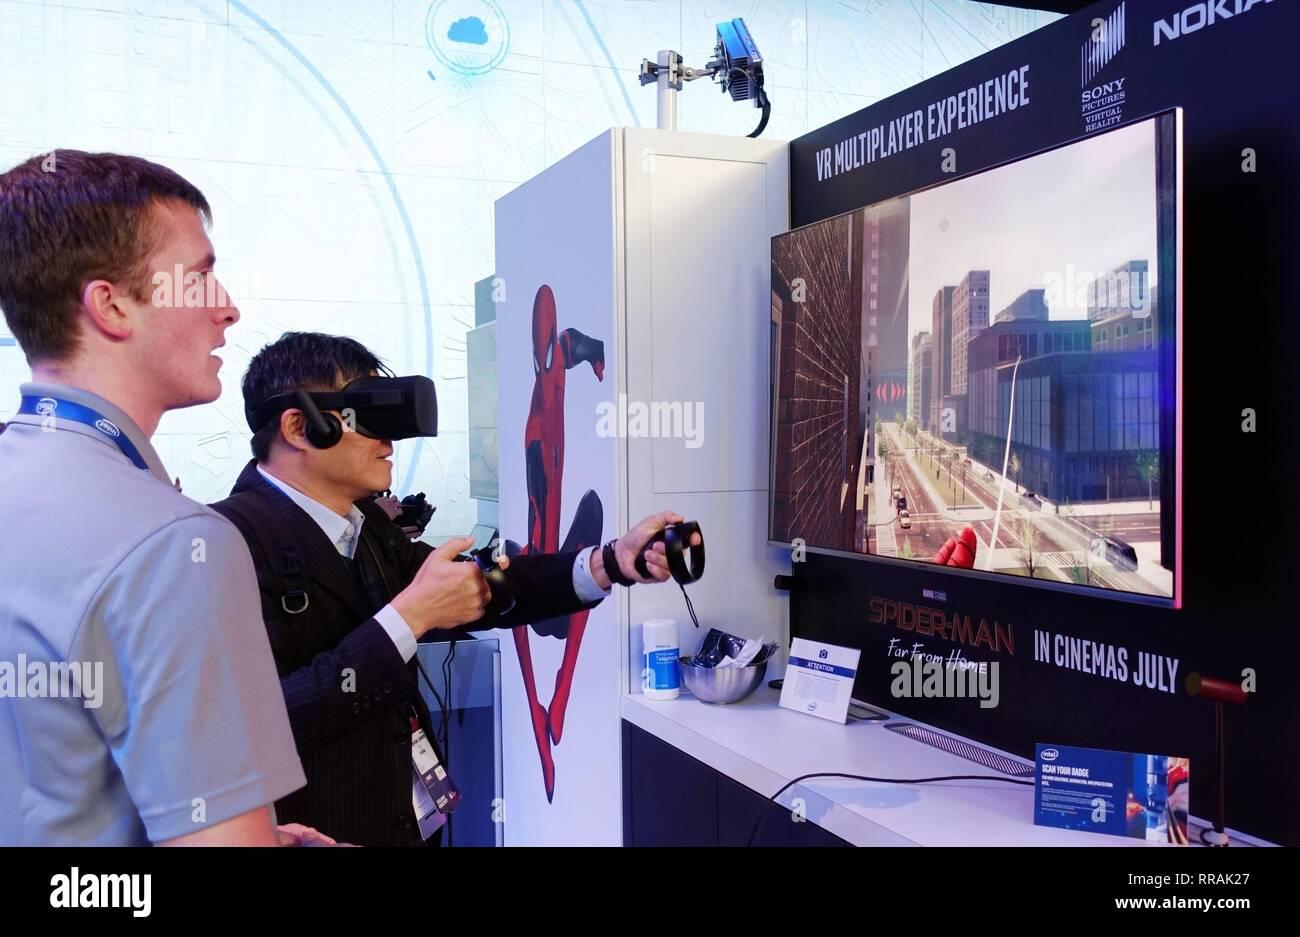 Barcelona, España. 25 Feb, 2019. Un visitante juega juegos VR en el Mobile World Congress 2019 (MWC) en Barcelona, España, 25 de febrero, 2019. Los cuatro días de 2019 MWC inauguró el lunes en Barcelona. Crédito: Guo Qiuda/Xinhua/Alamy Live News Foto de stock